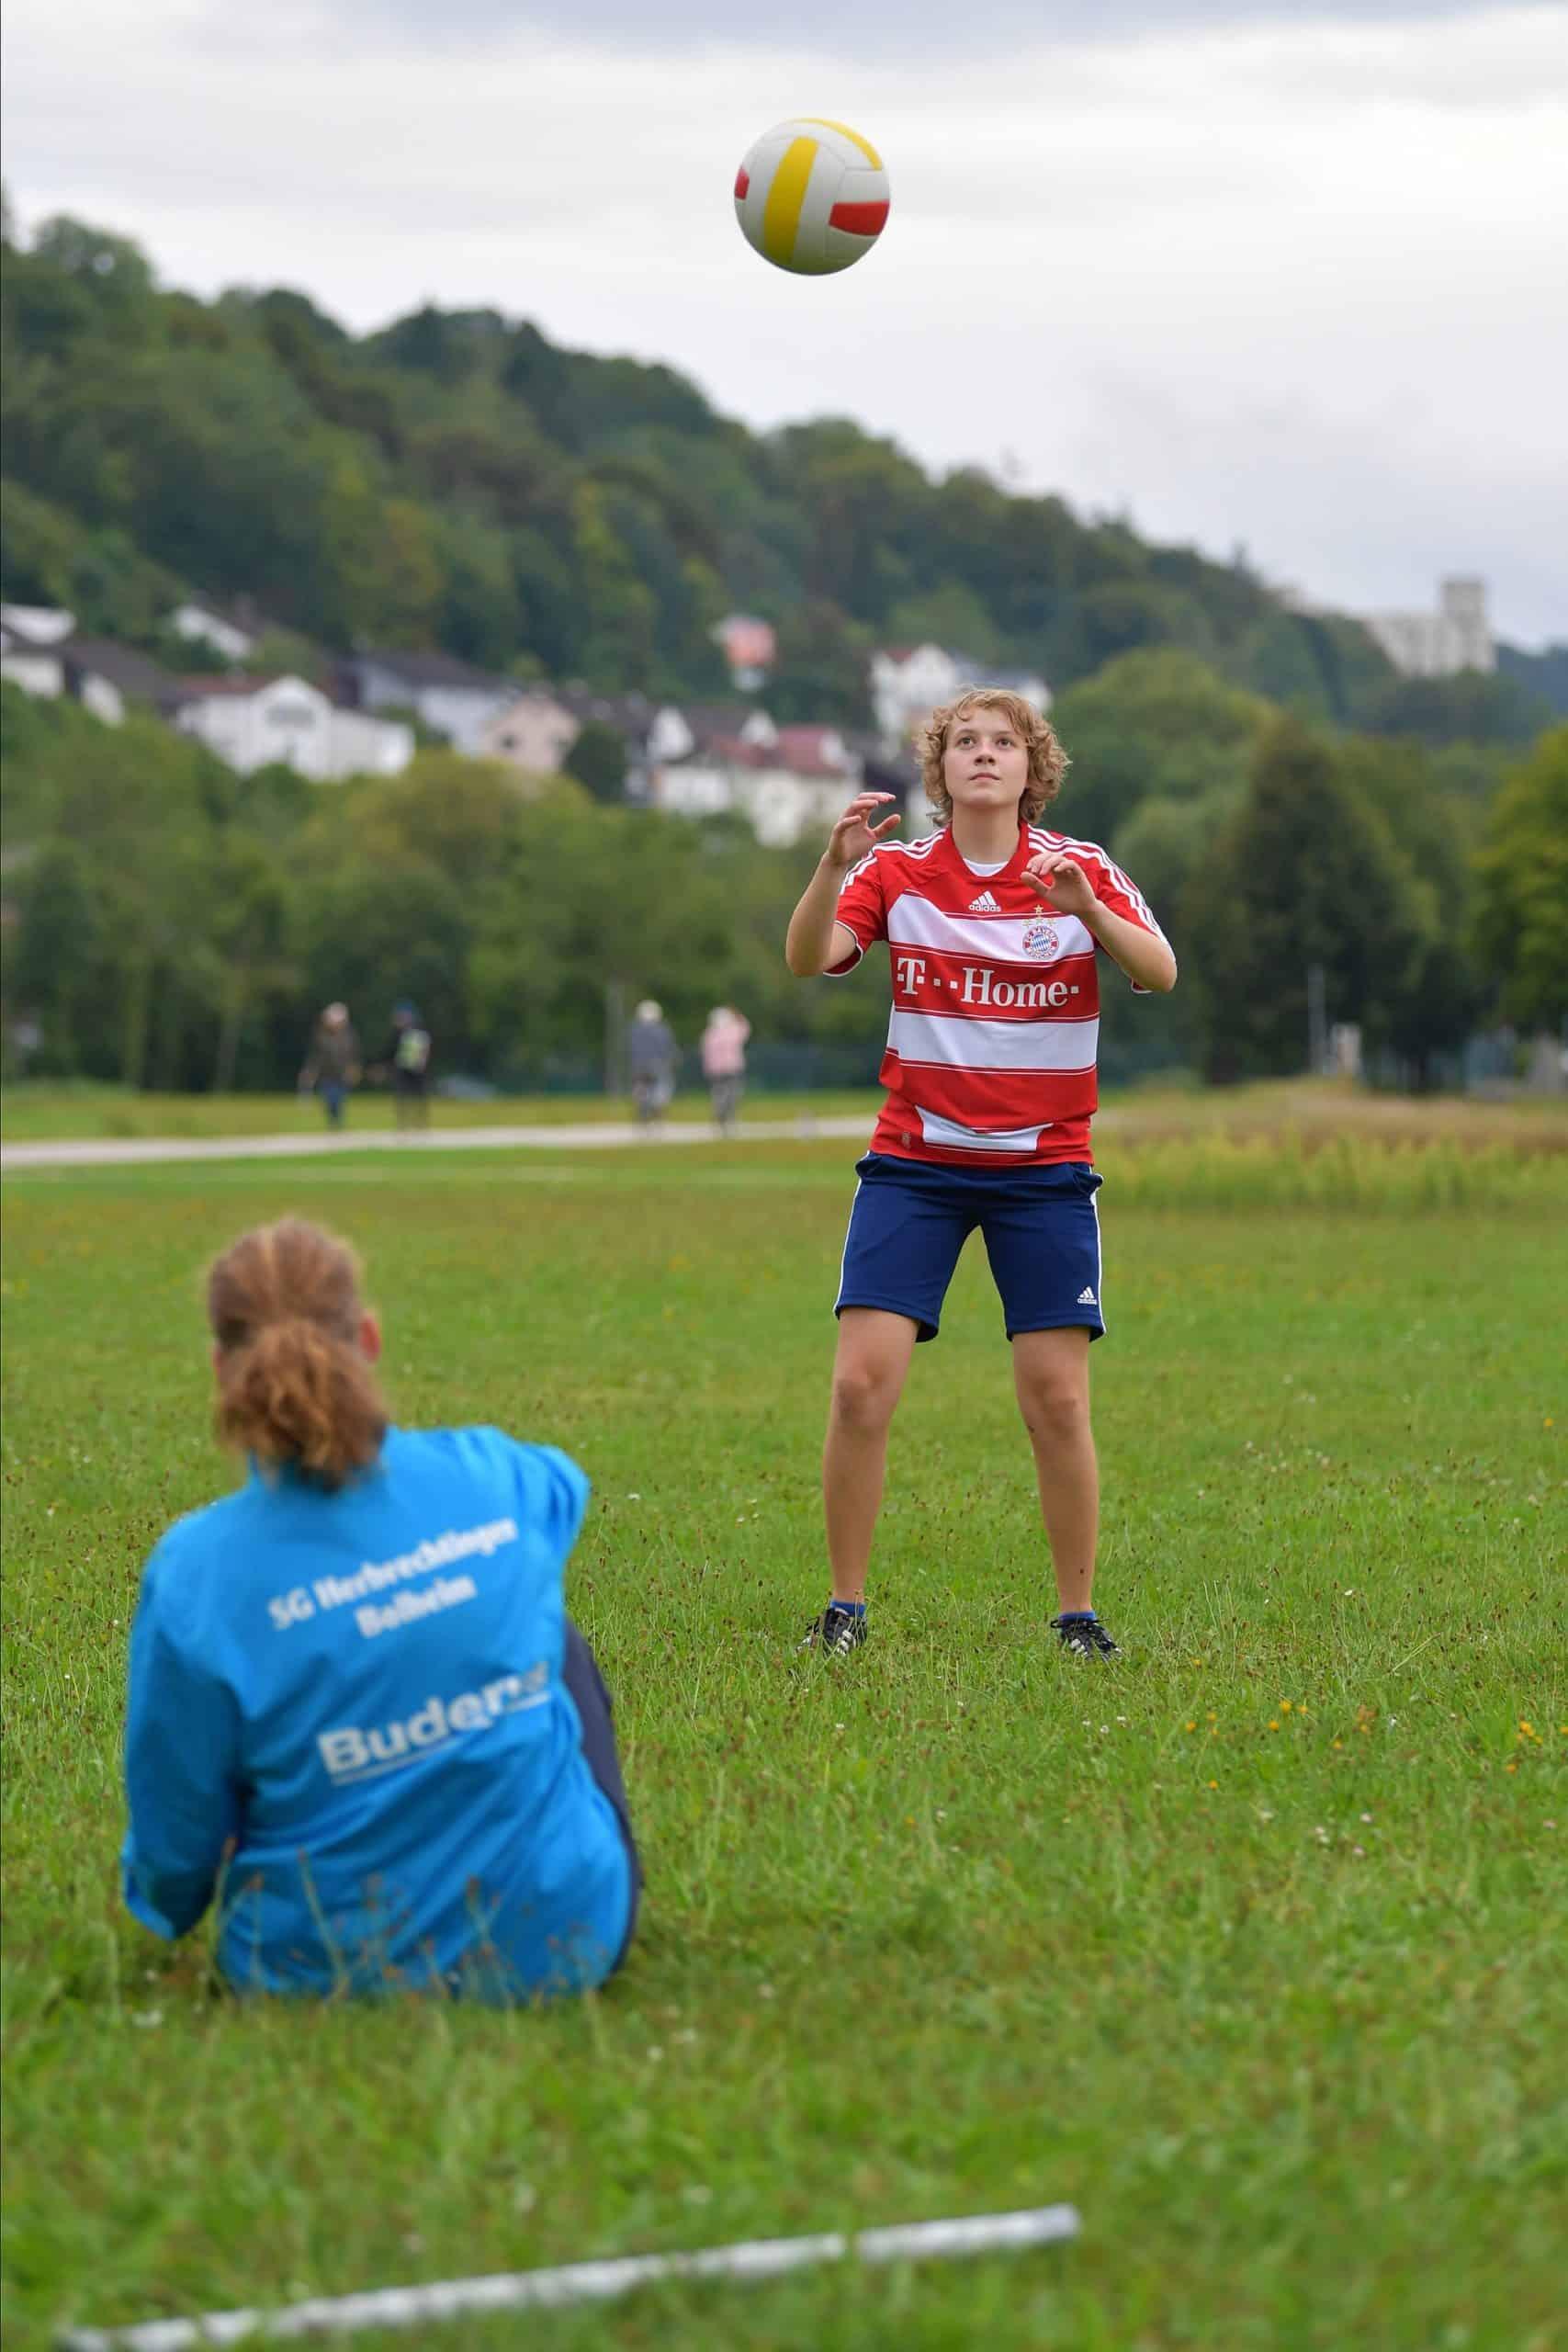 Madgalena bei einer Übung mit einer Mitspielerin.